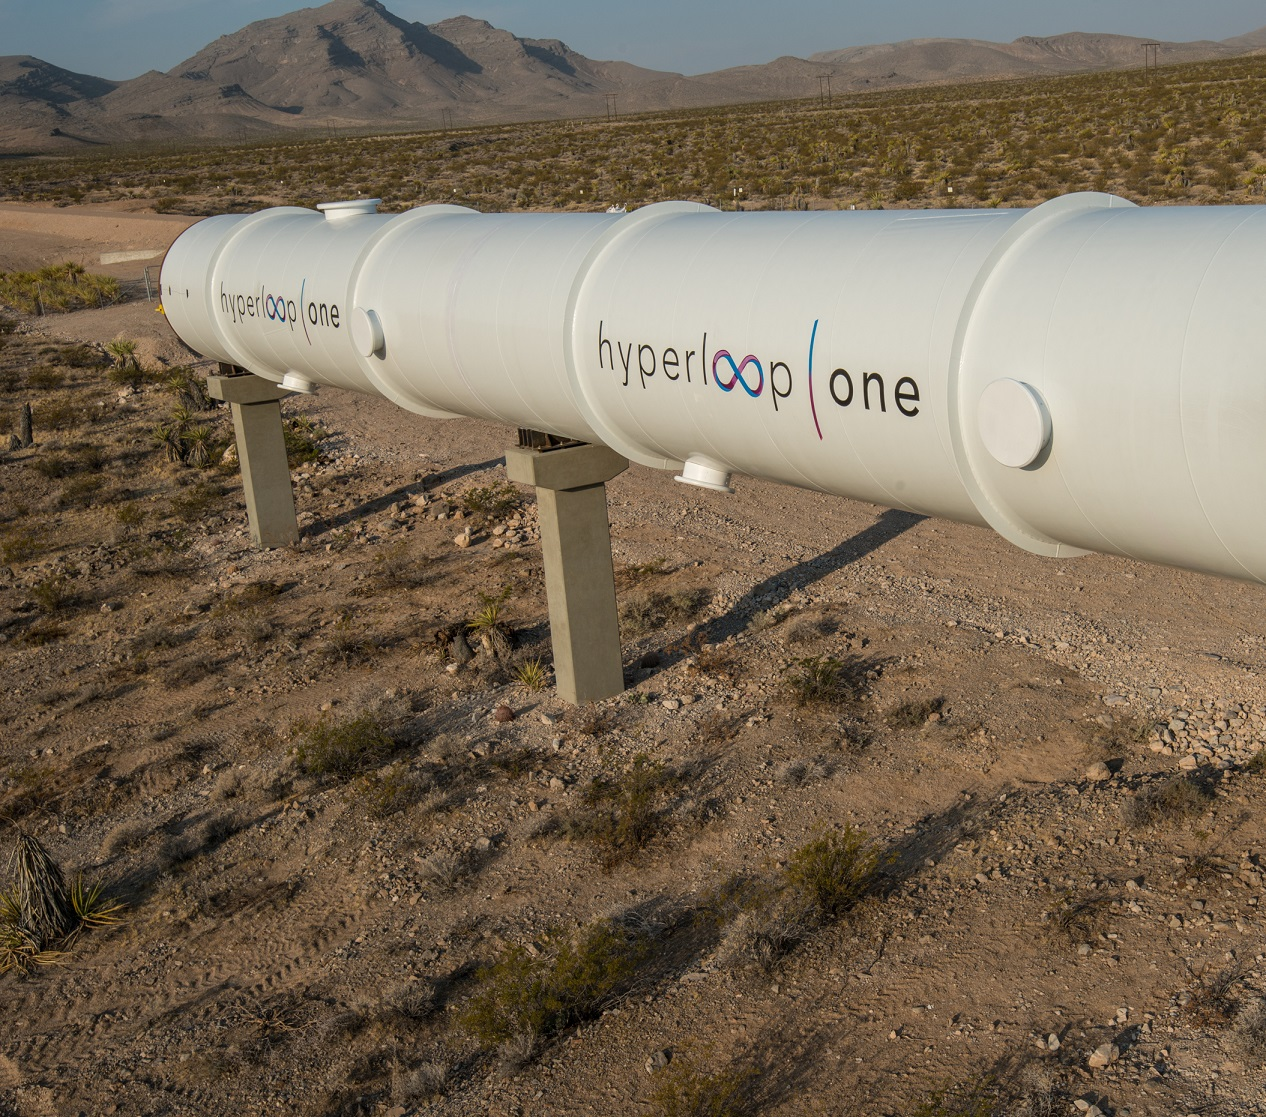 Hyperloop One to test the feasibility of Hyperloop in Dubai